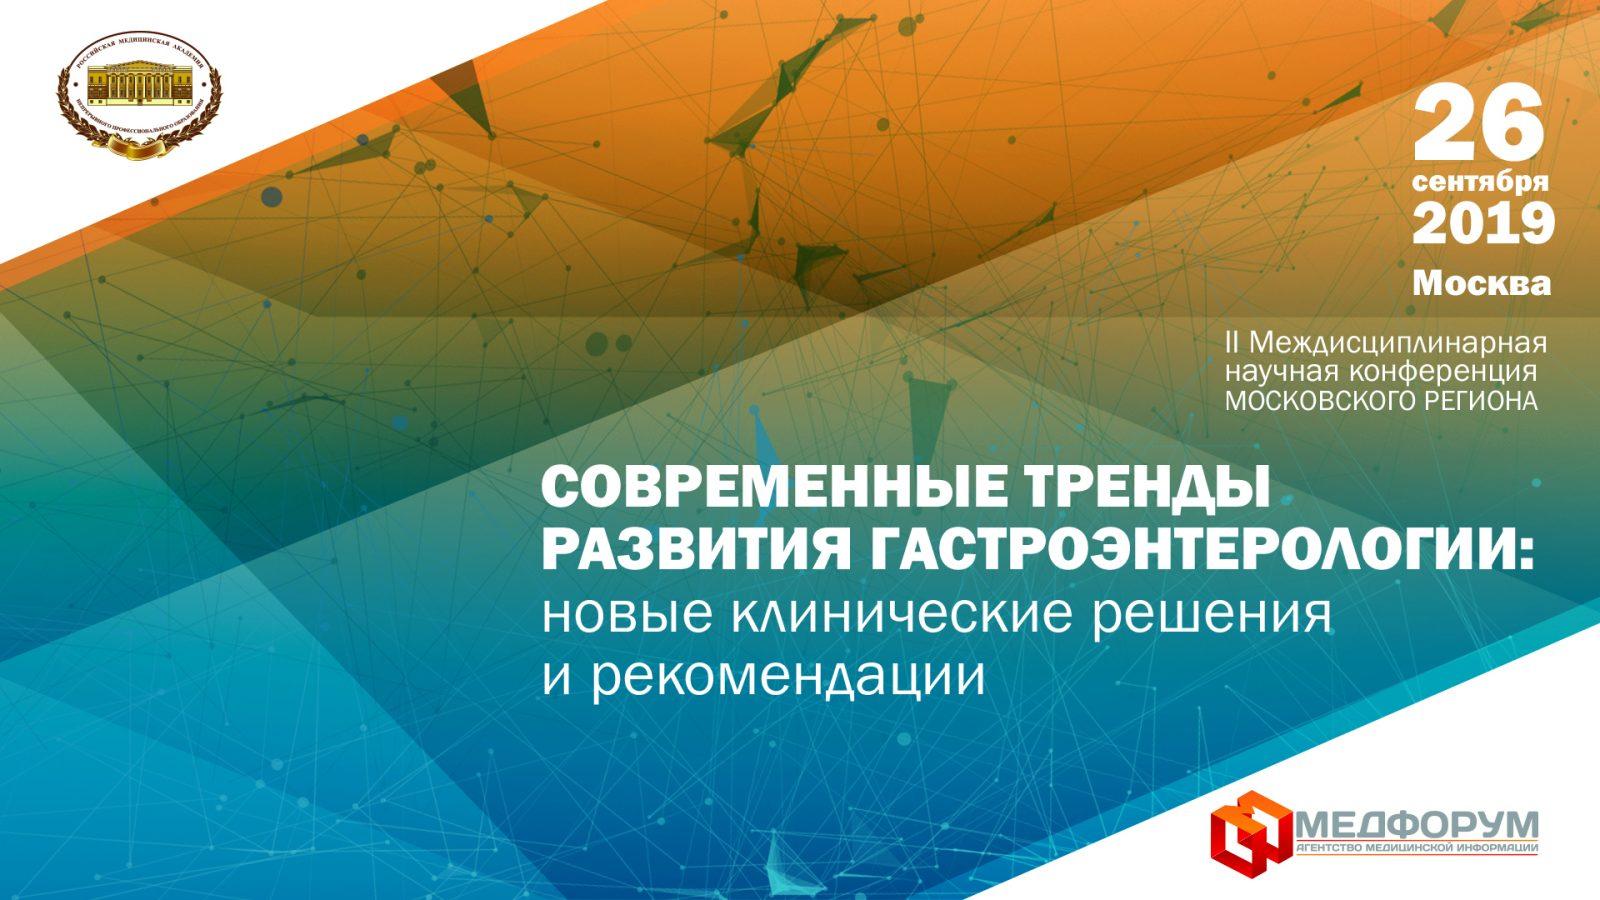 Междисциплинарная научная конференция «Современные тренды развития гастроэнтерологии: новые клинические решения и рекомендации»